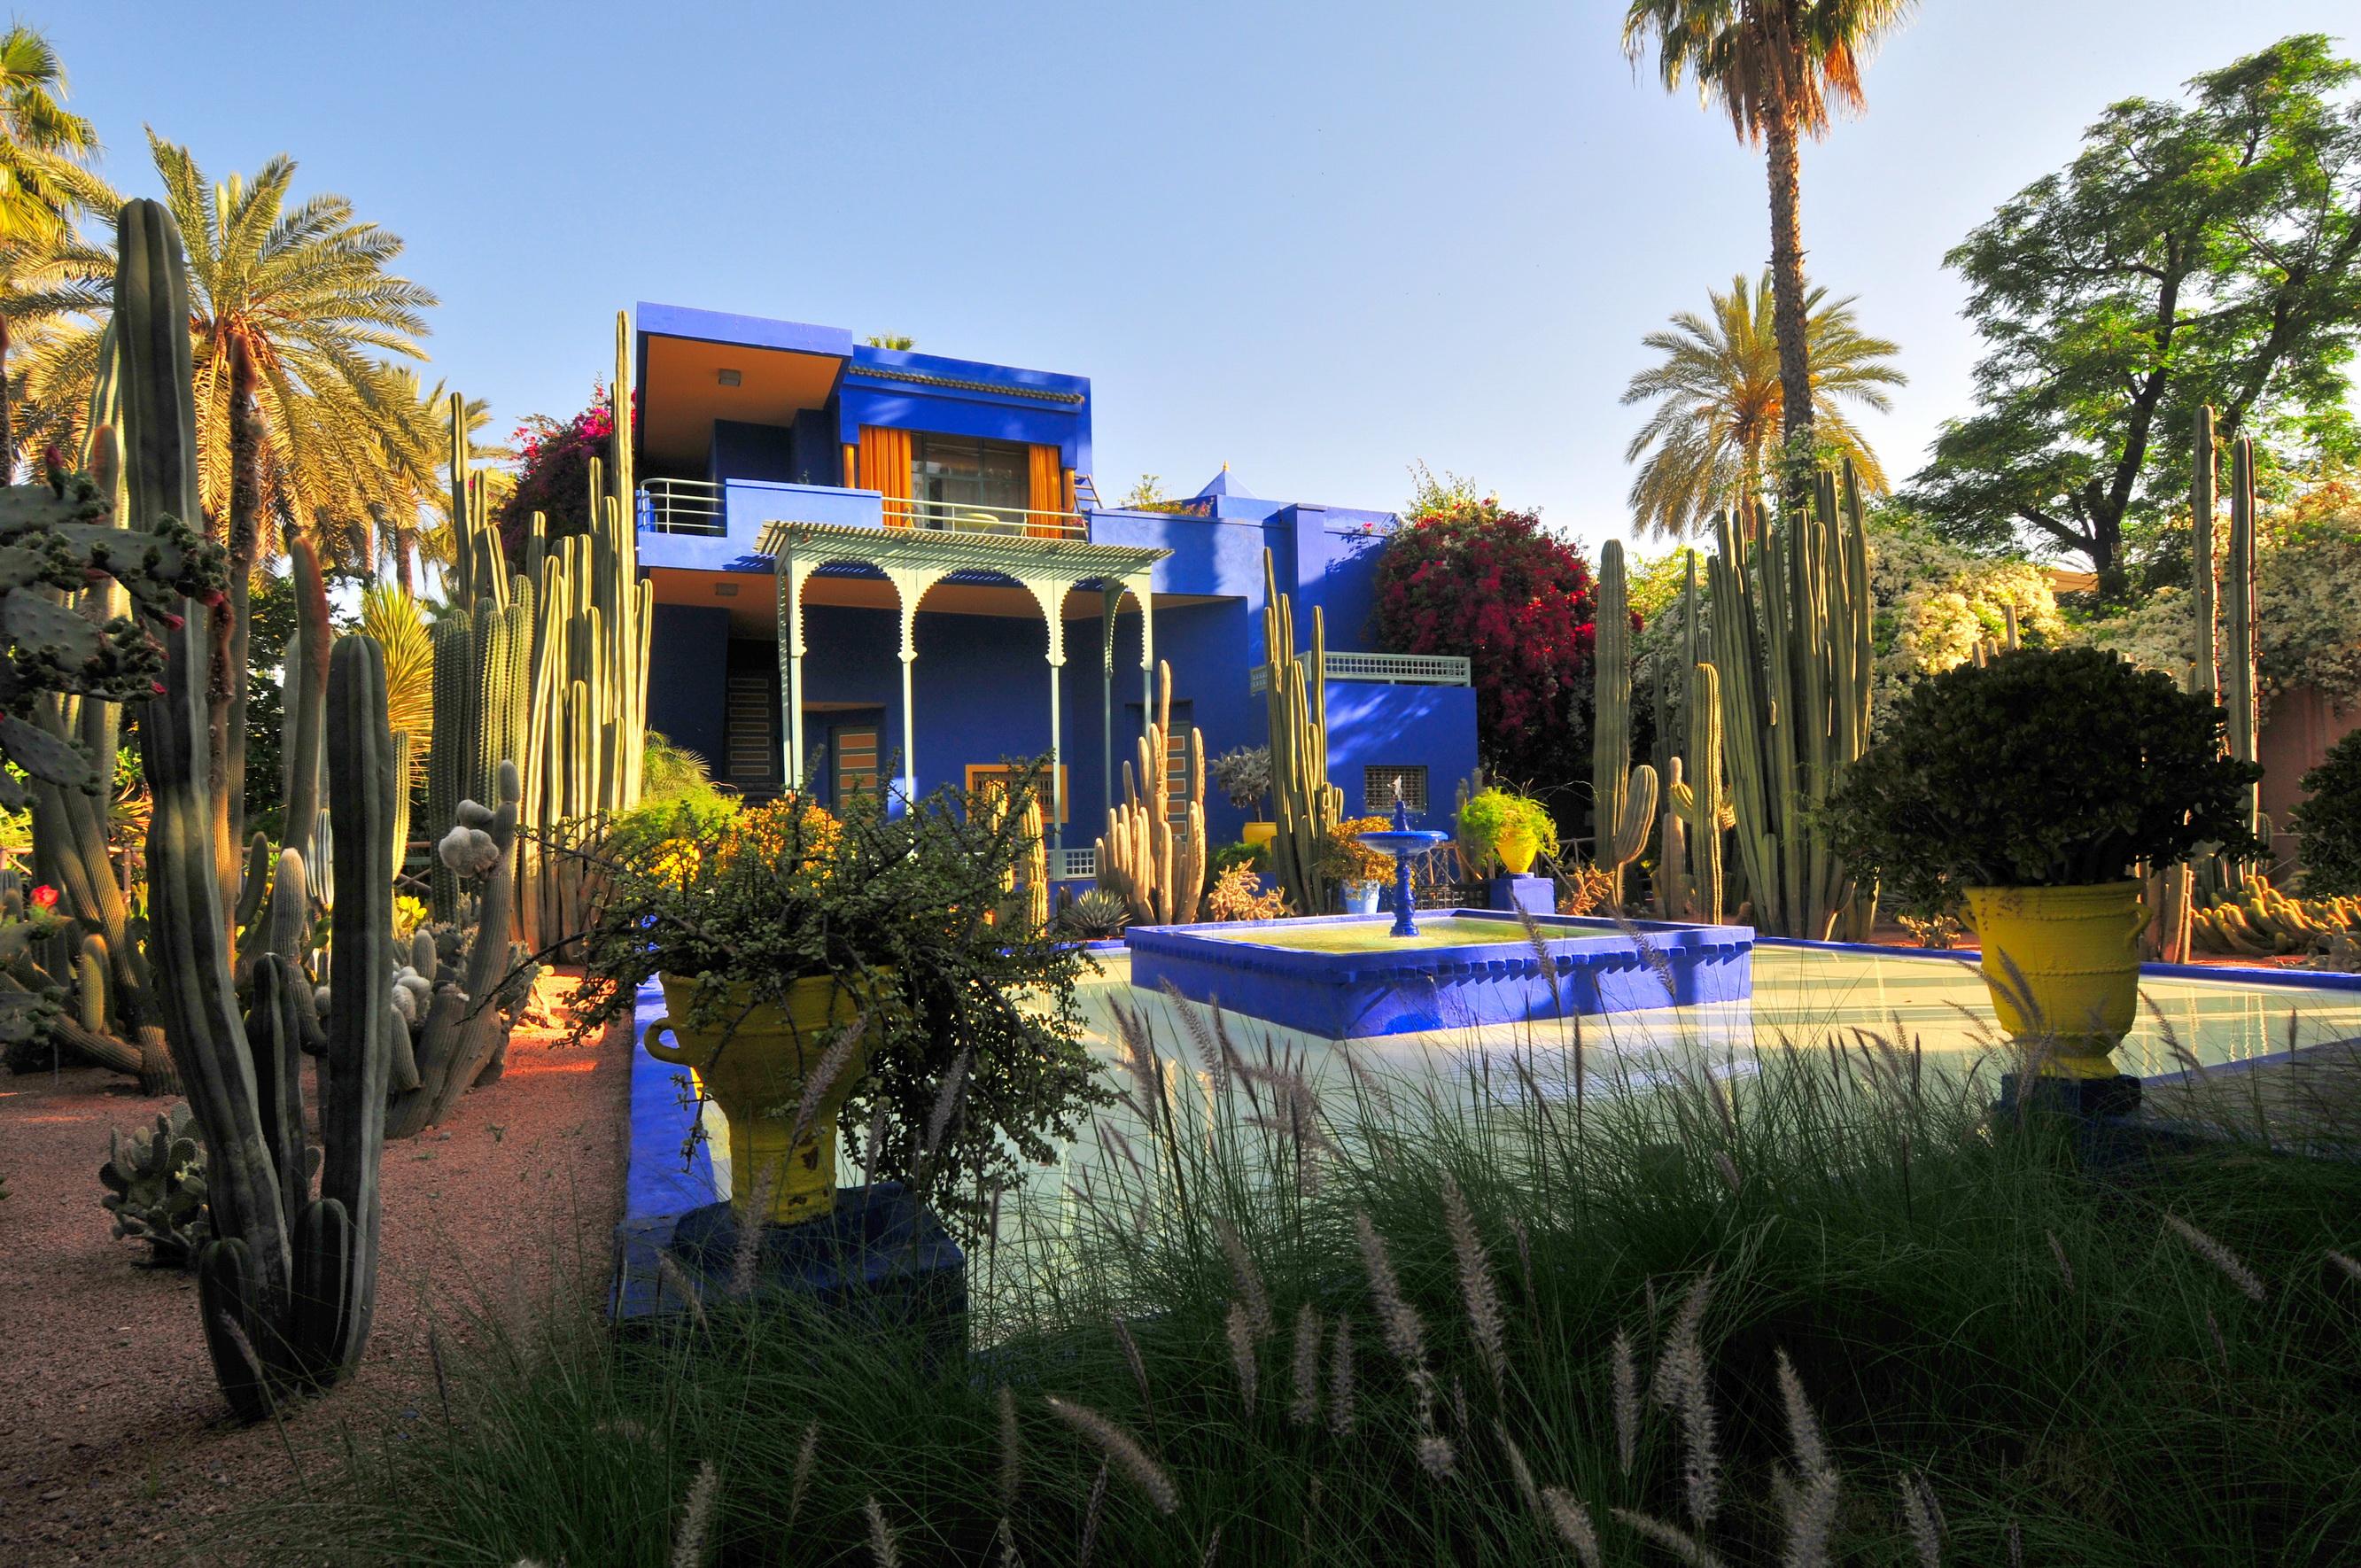 Mon beau maroc marrakech l 39 autre visage de la las vegas - Residence les jardins de majorelle marrakech ...